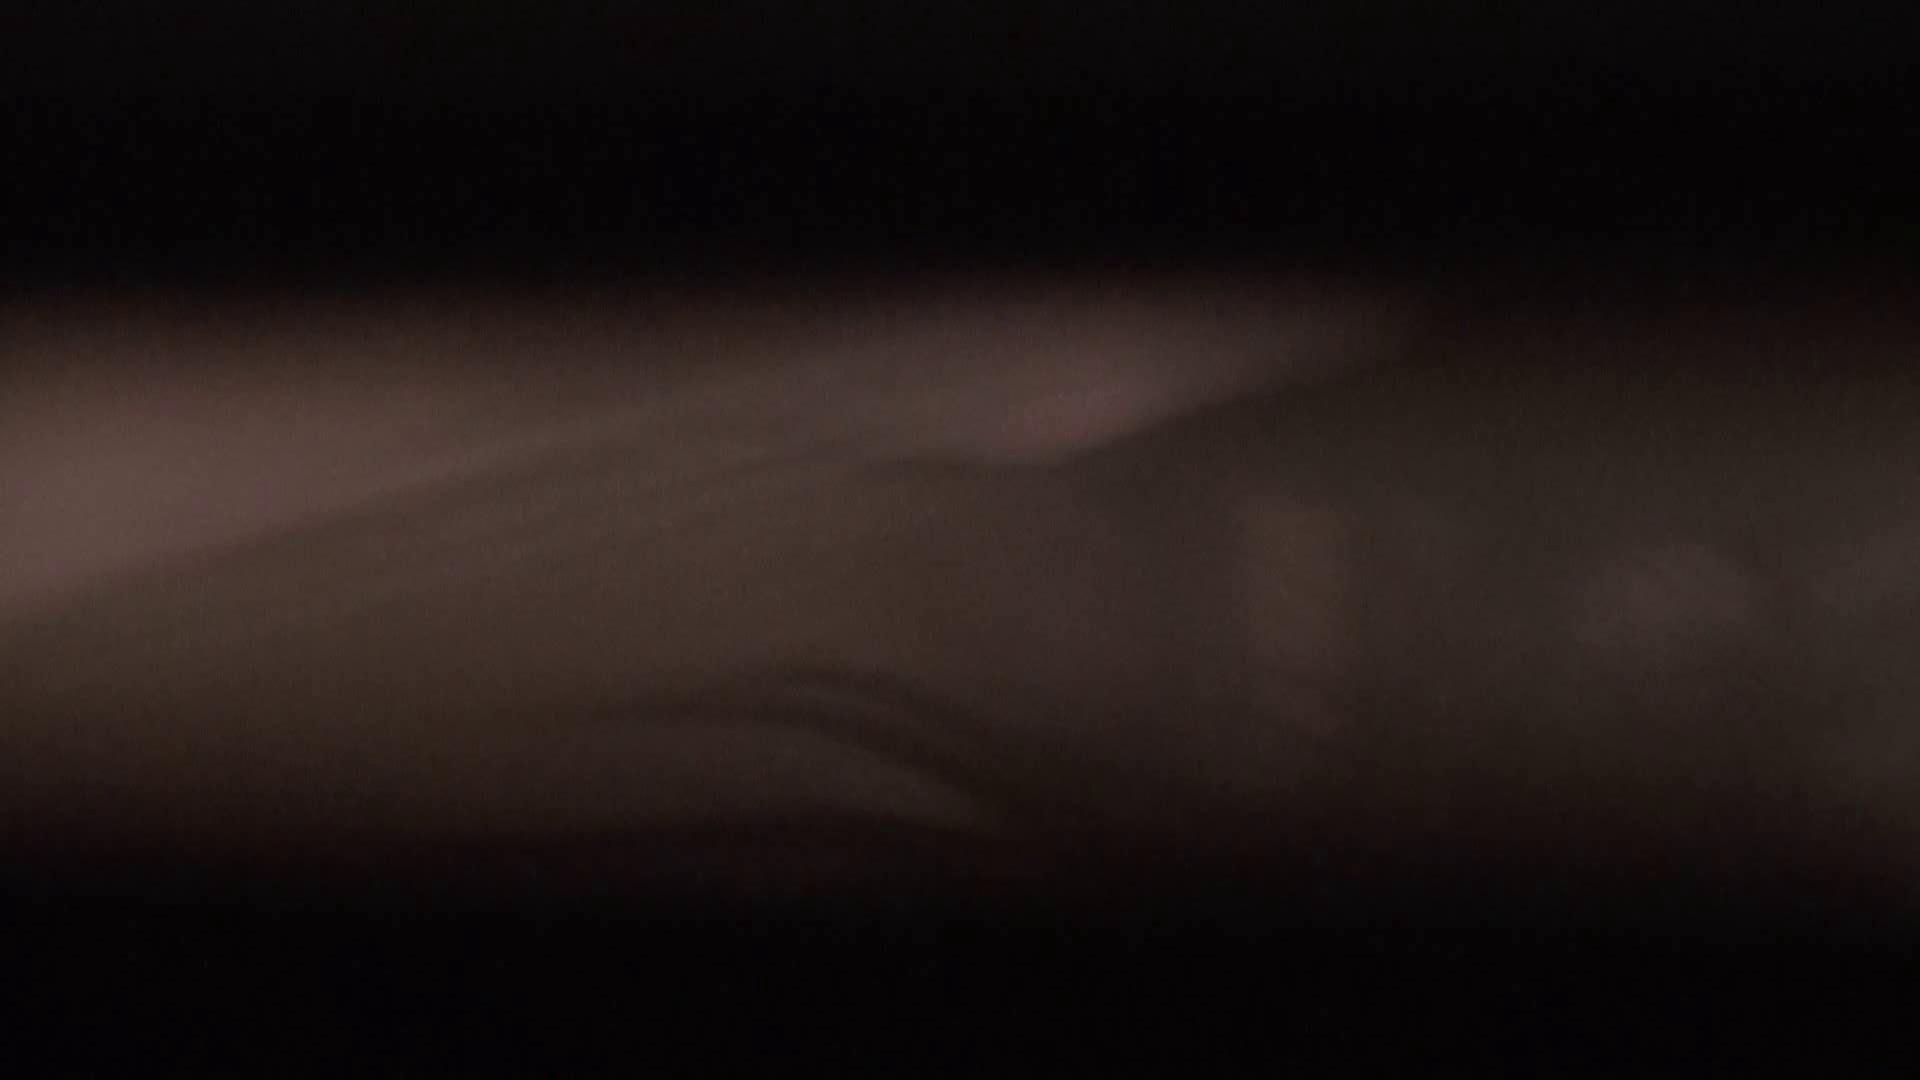 民家の騎士さんの最後の性戦ハイビジョン!!No.47 おっぱい丸見え オメコ動画キャプチャ 91枚